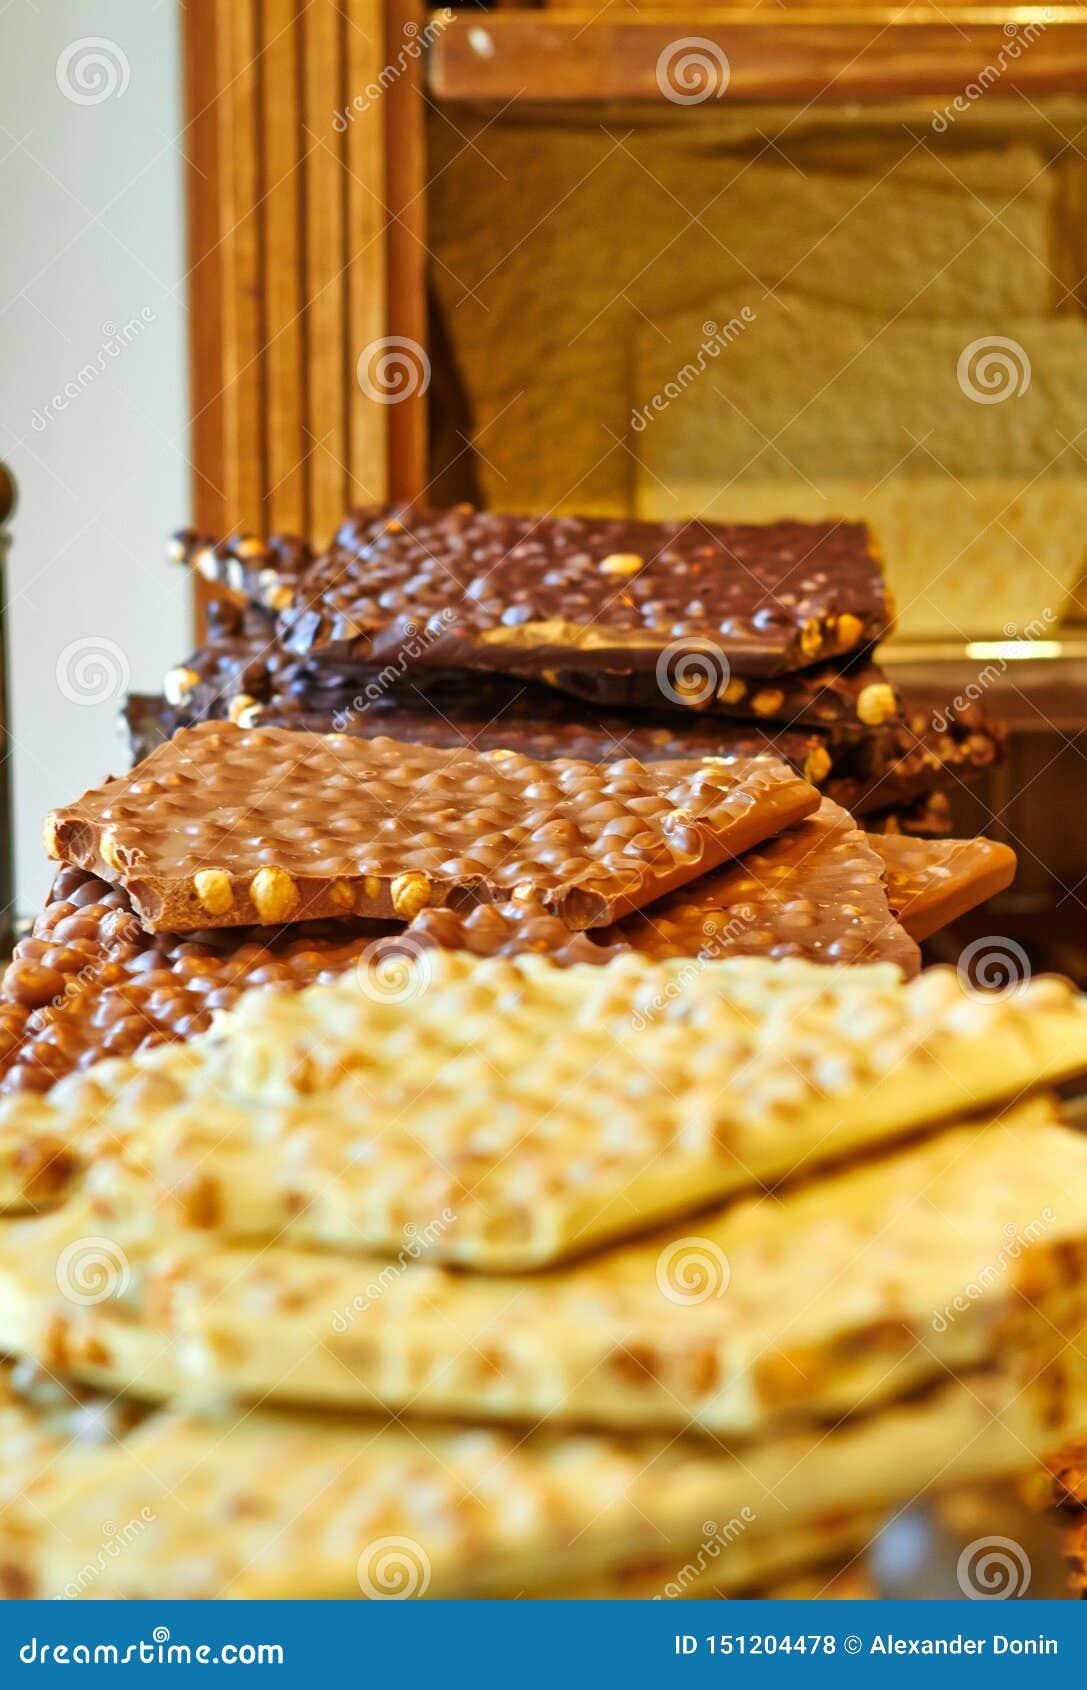 Belgisk choklad - som är brun med tokigt och vitt